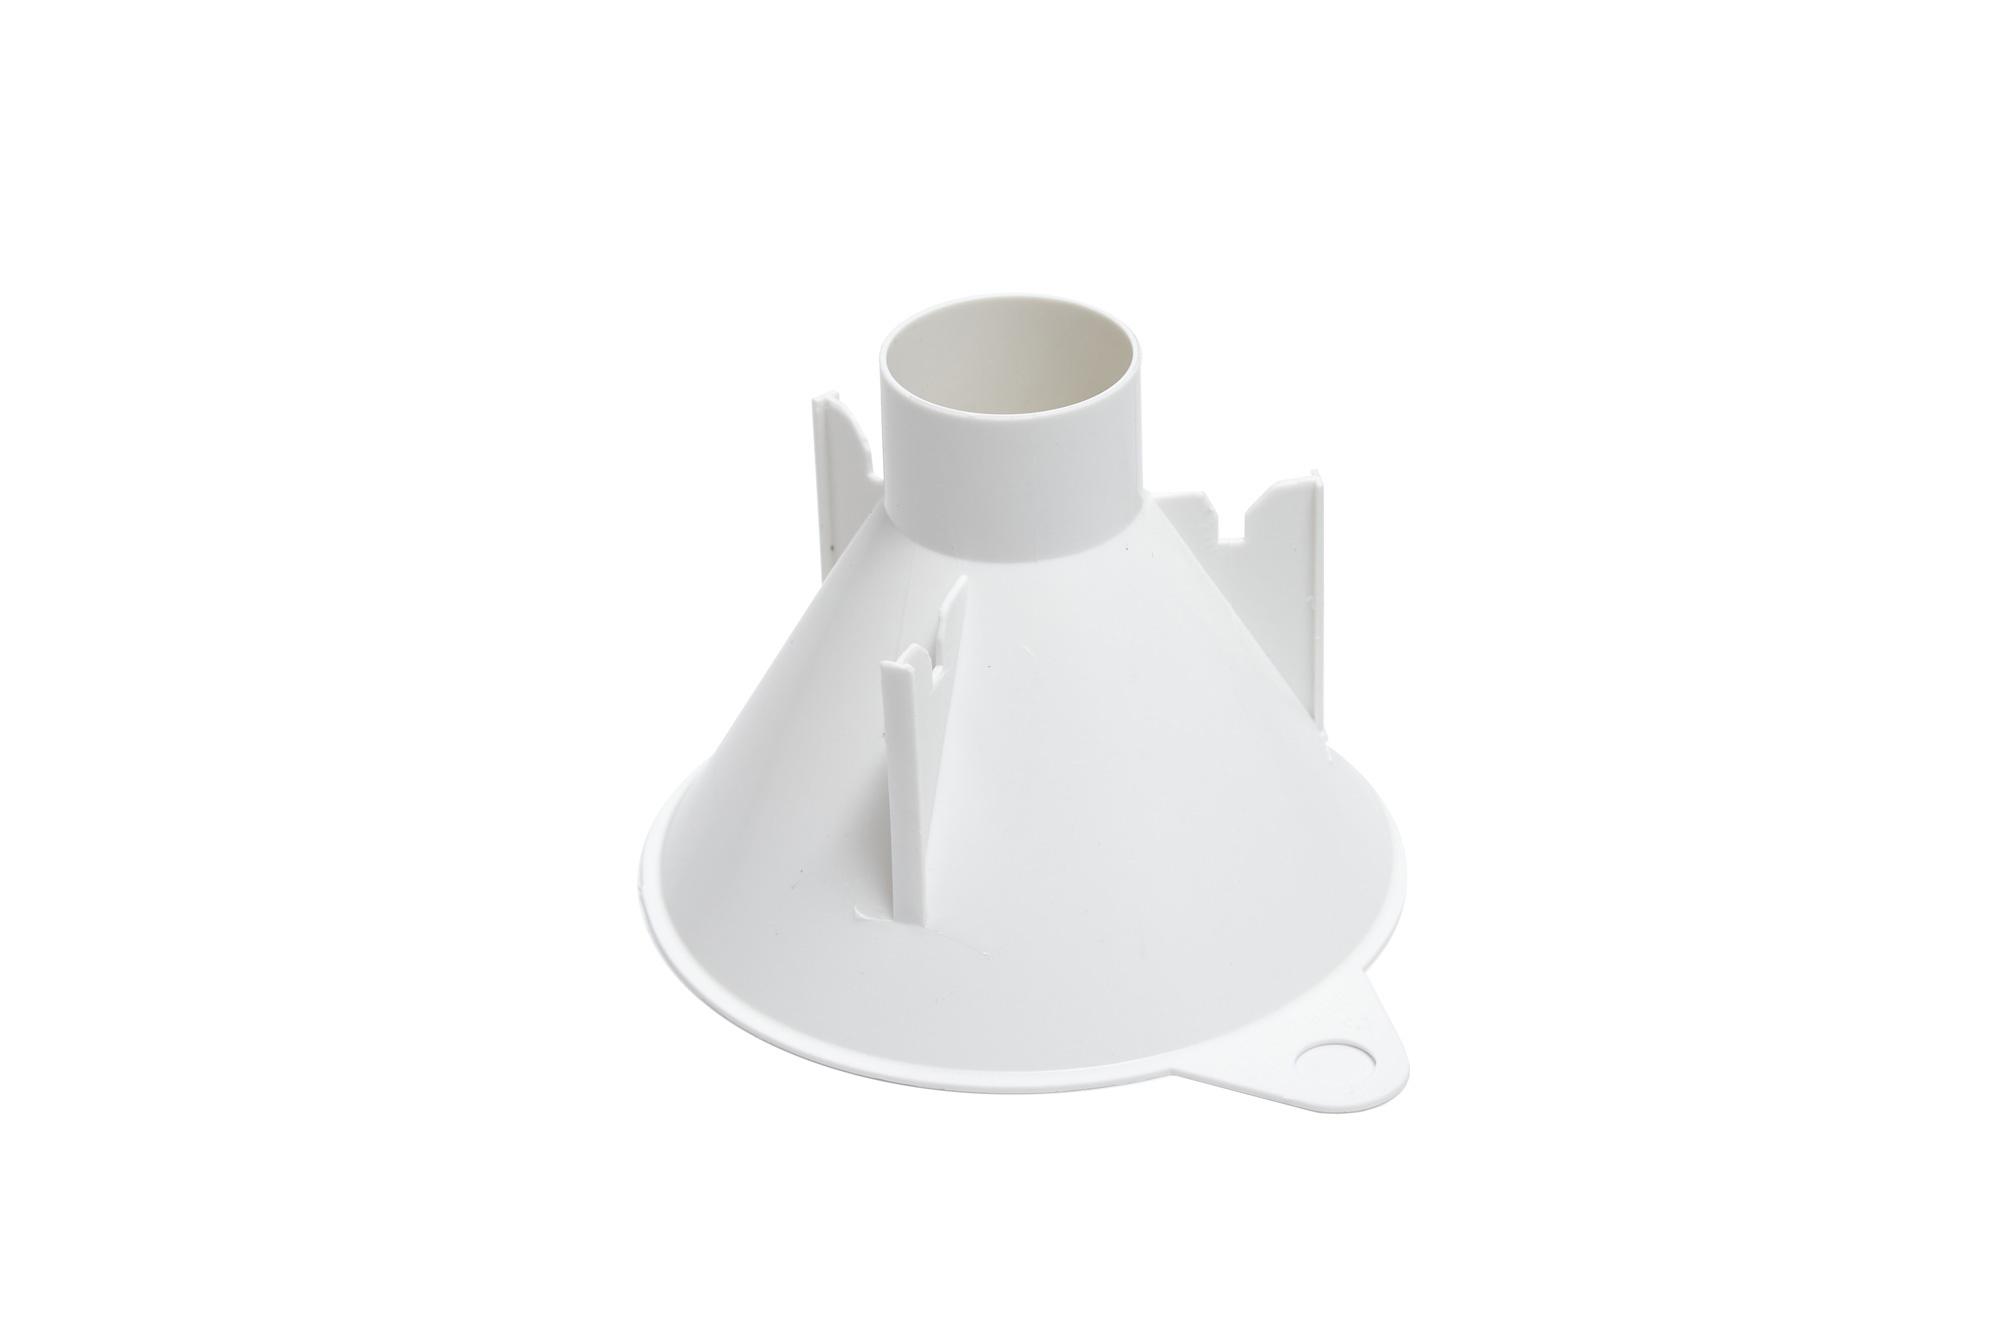 Посудомоечная машина Hyundai DF105 белый (полноразмерная)